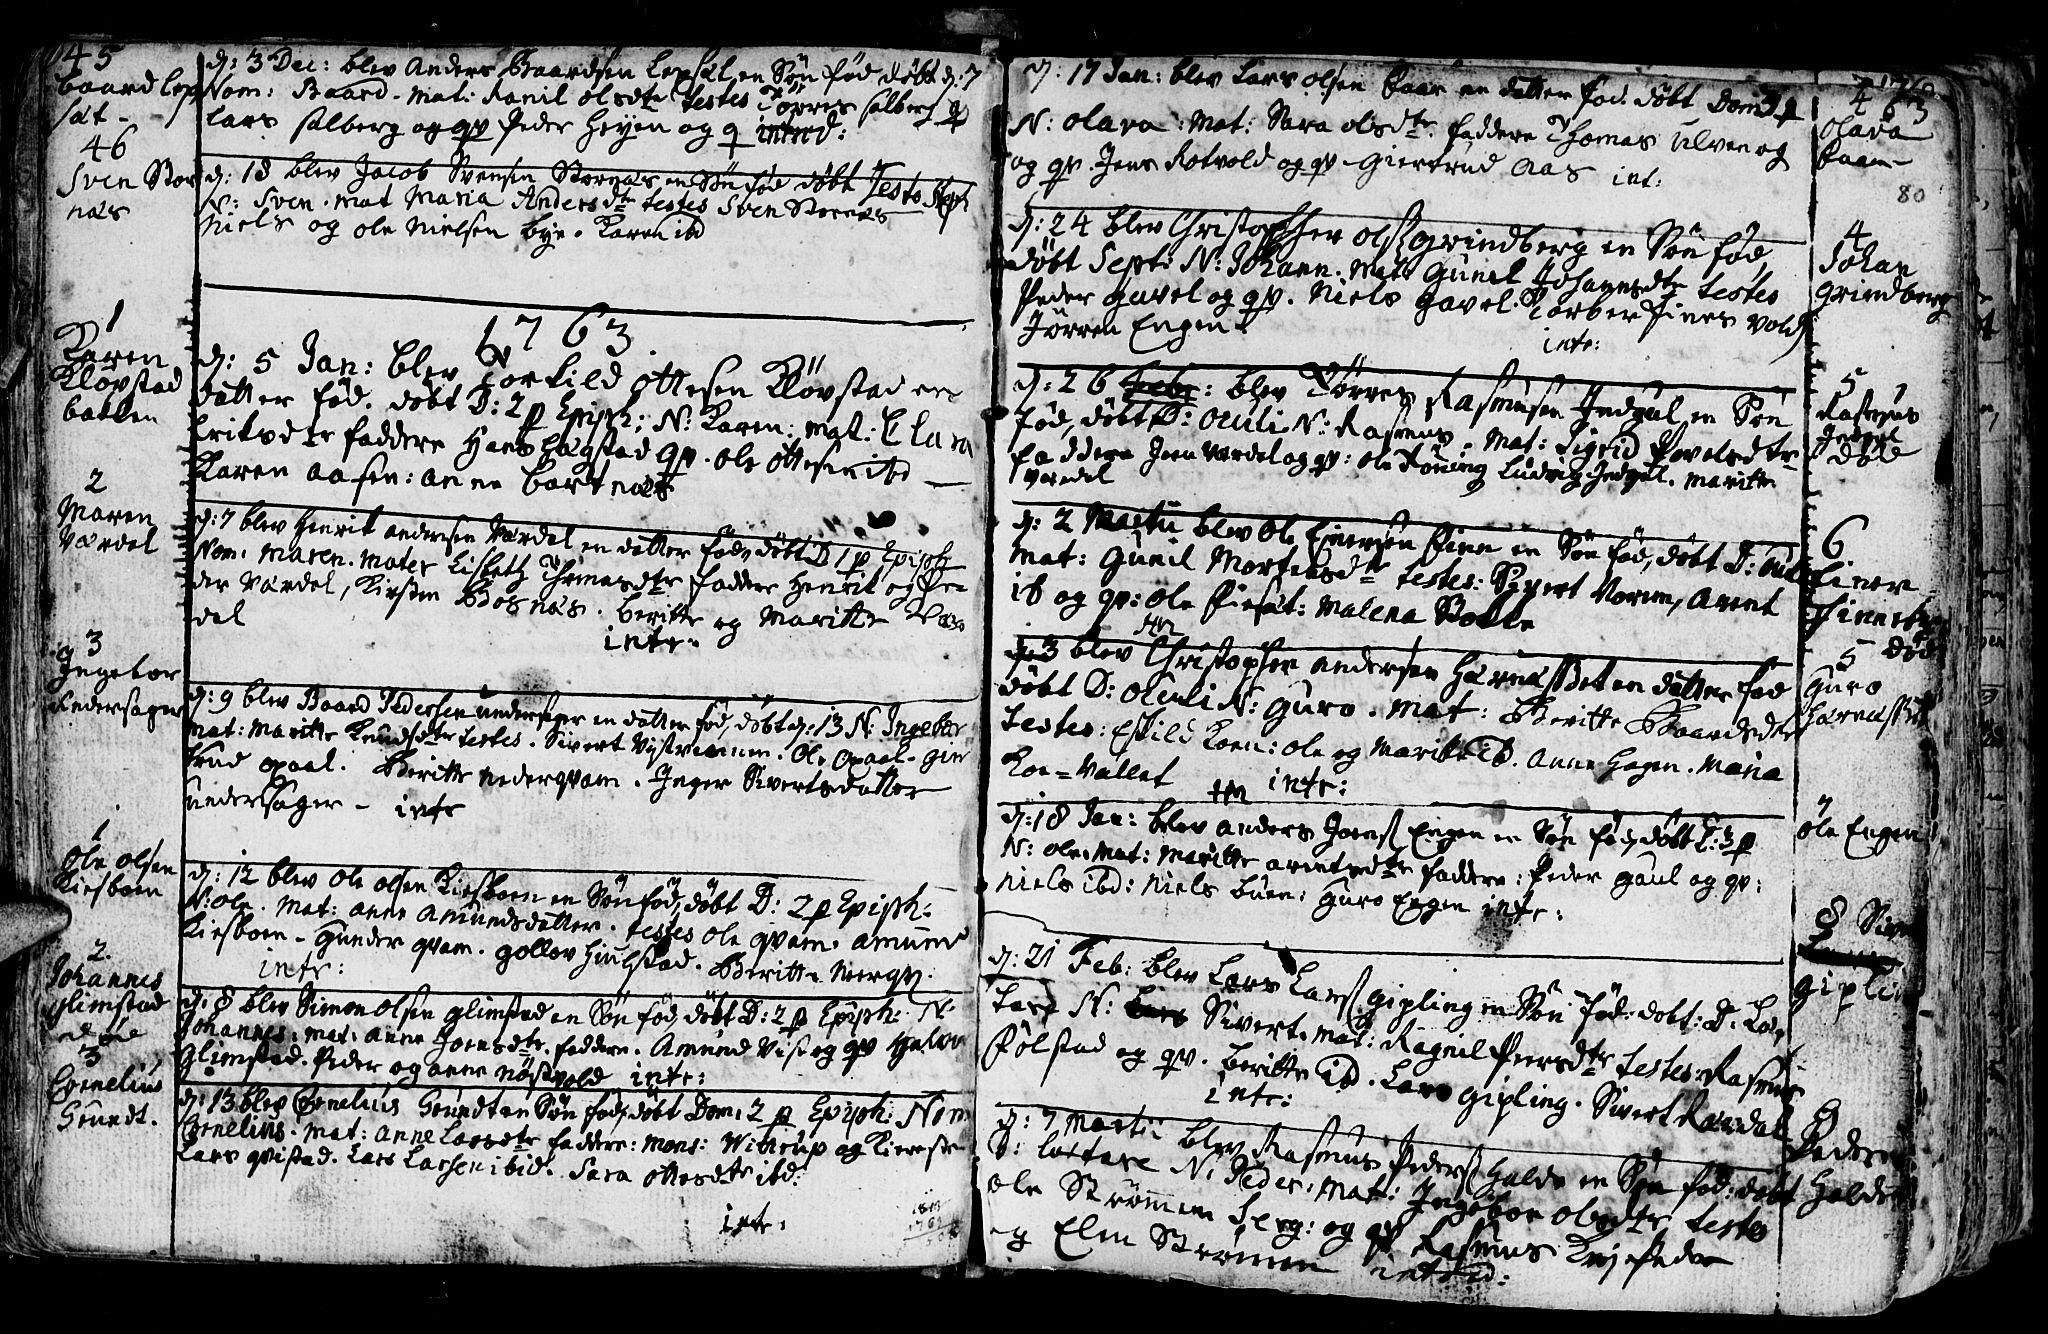 SAT, Ministerialprotokoller, klokkerbøker og fødselsregistre - Nord-Trøndelag, 730/L0273: Ministerialbok nr. 730A02, 1762-1802, s. 80